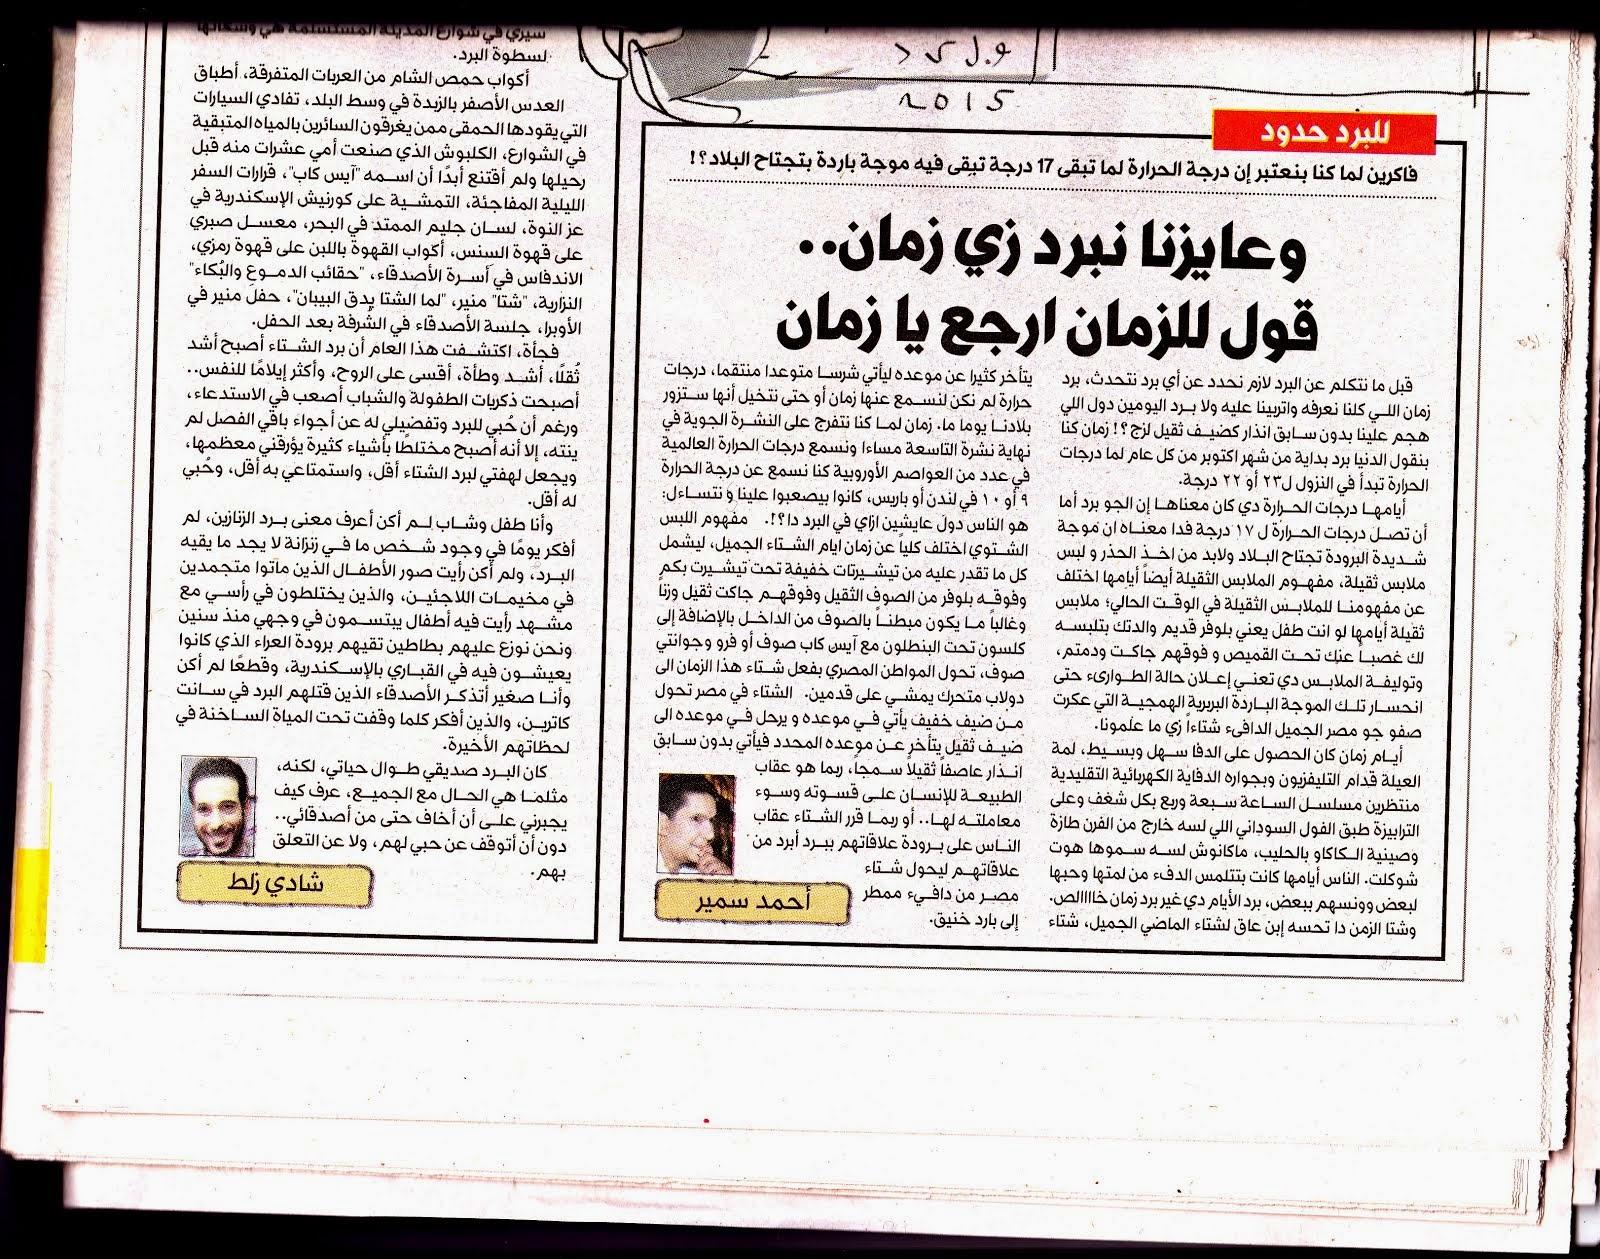 التحرير 15 يناير 2015